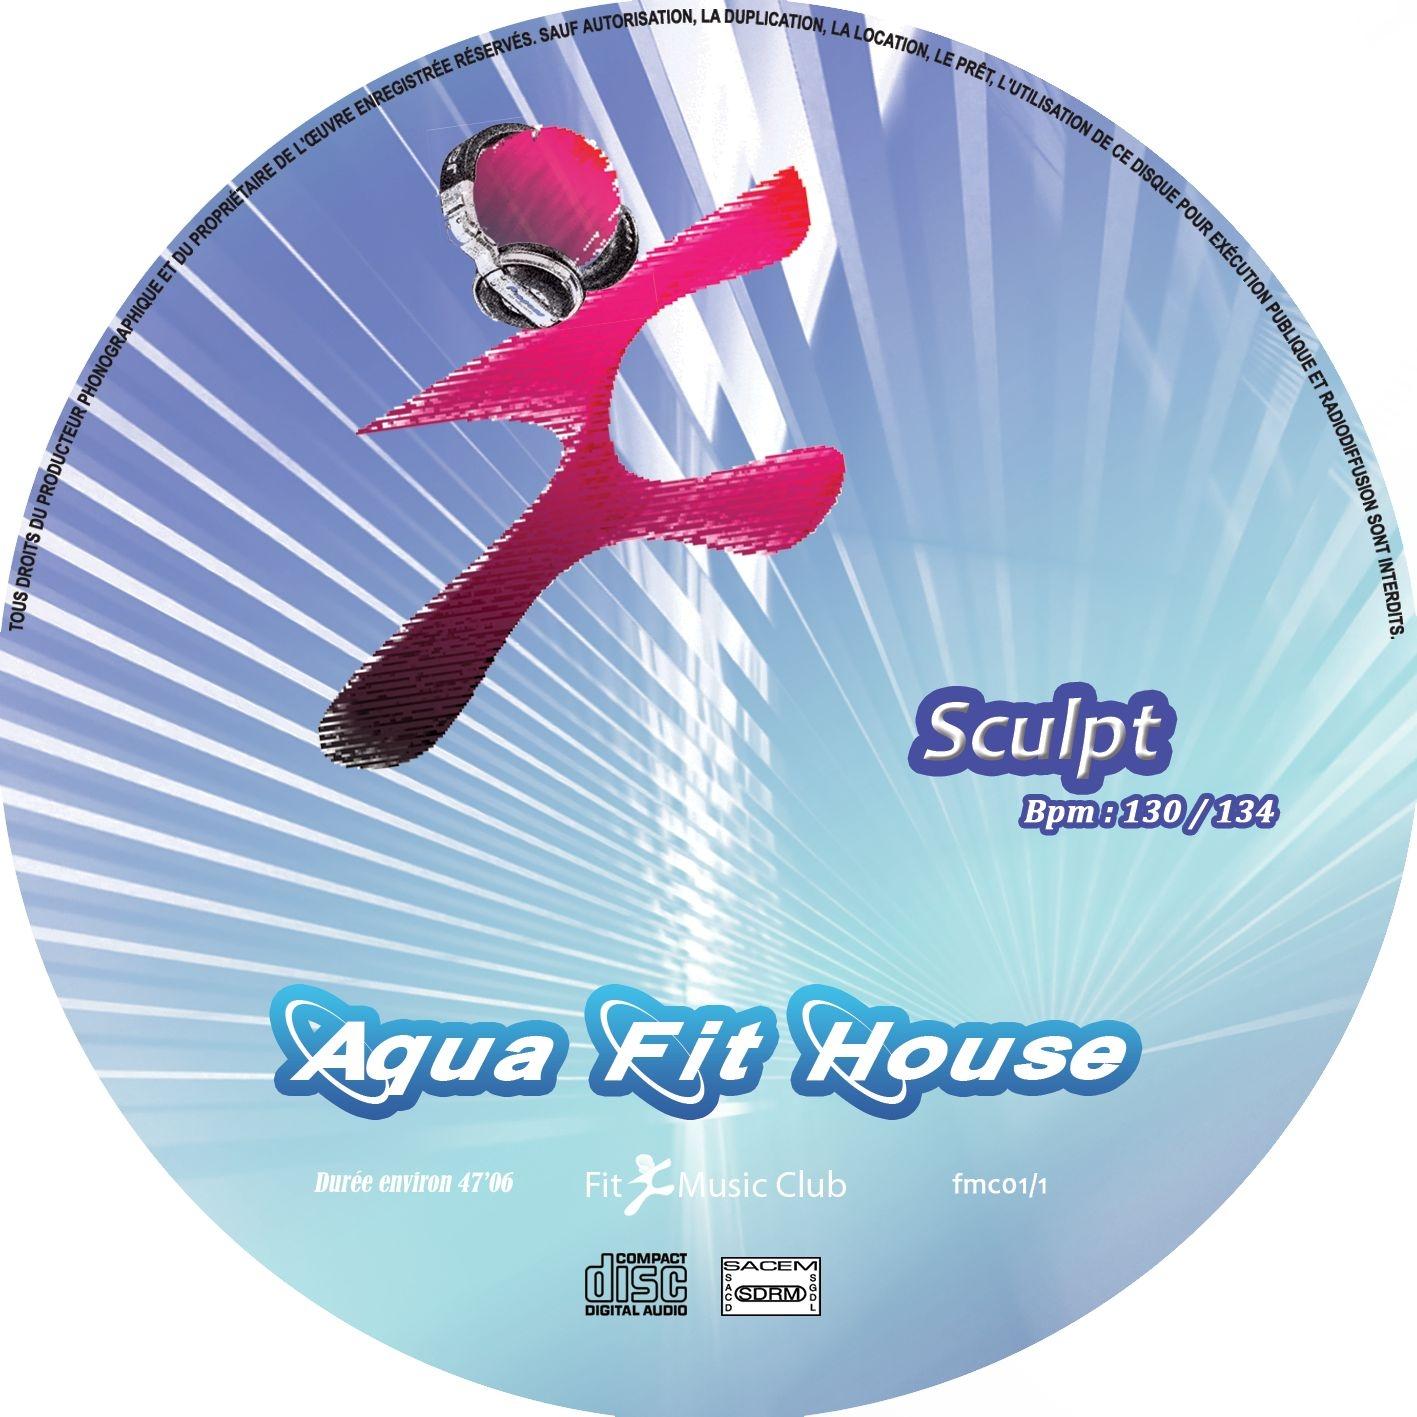 Aqua Fit House / Sculpt & fit